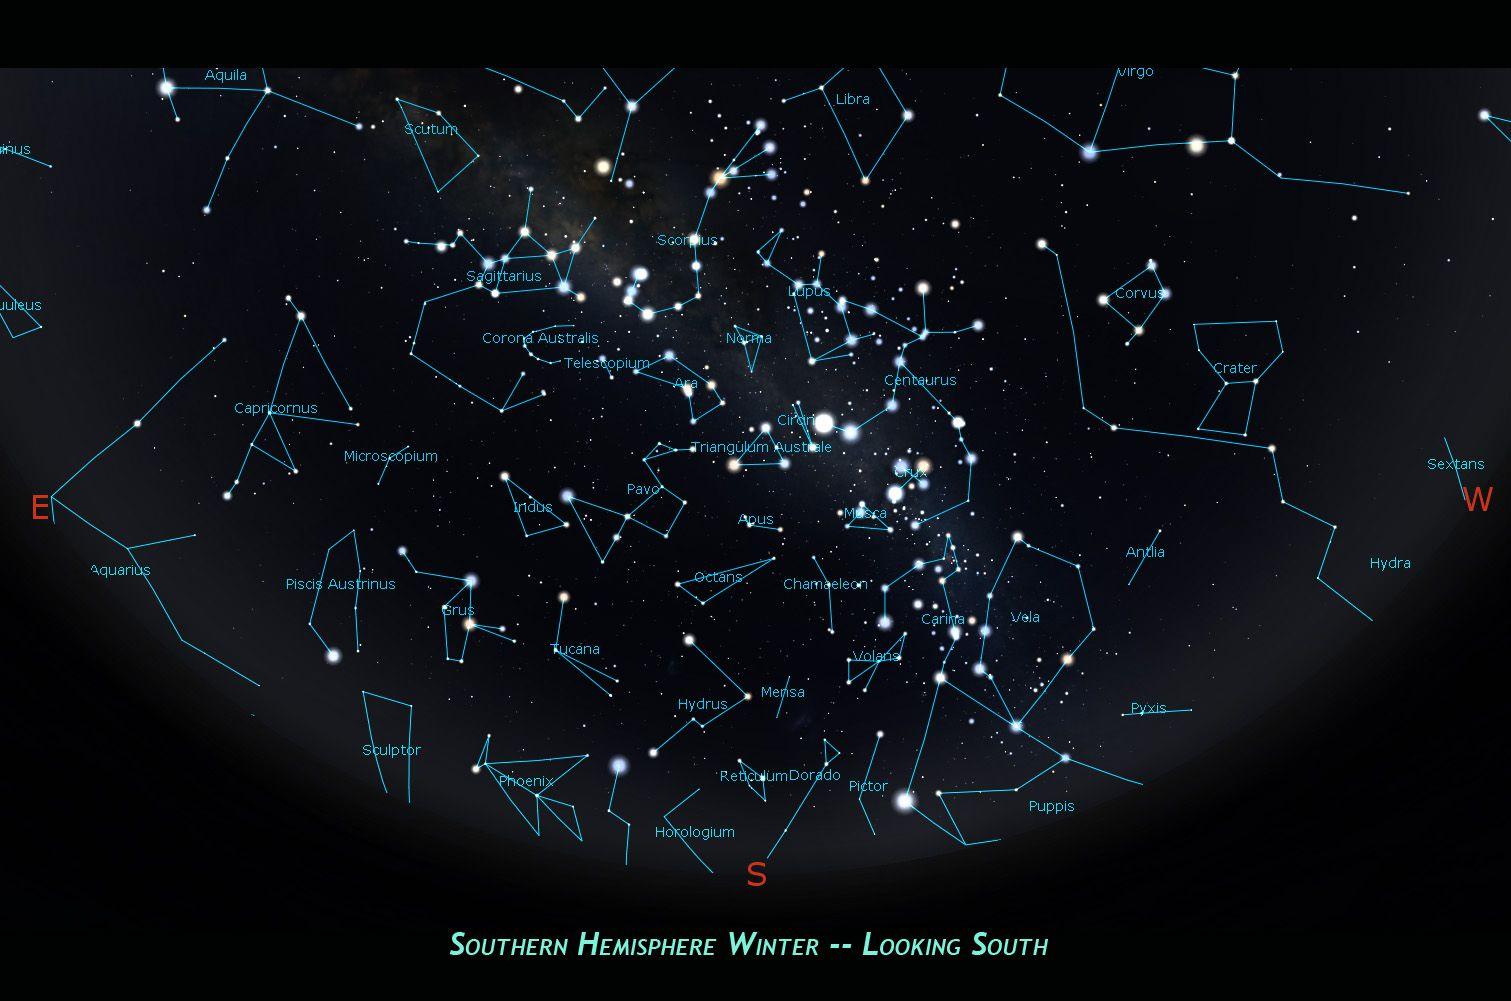 Southern Hemisphere winter skies, as seen looking south.